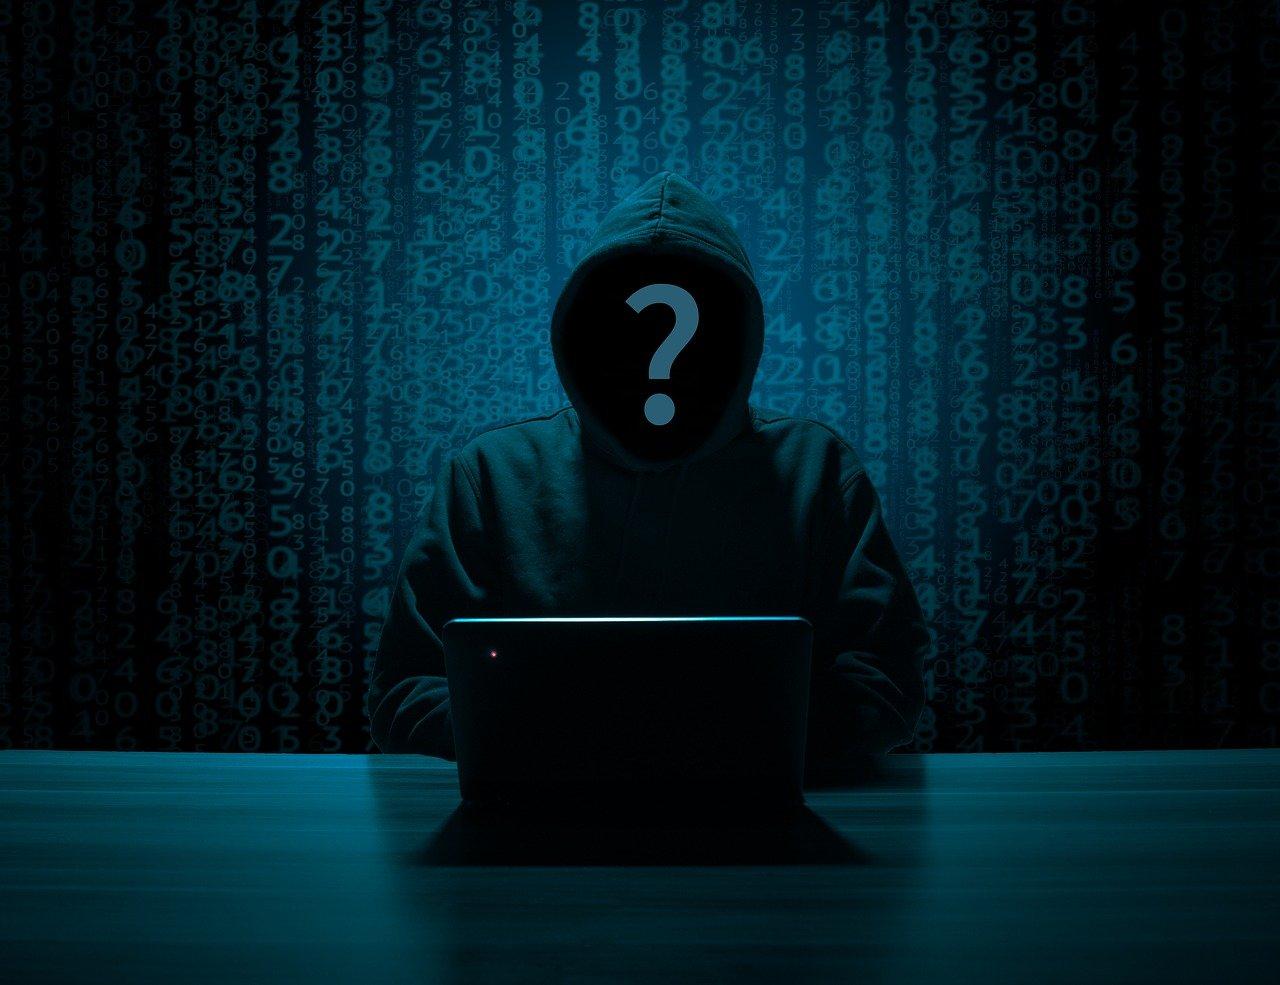 hacker question mark